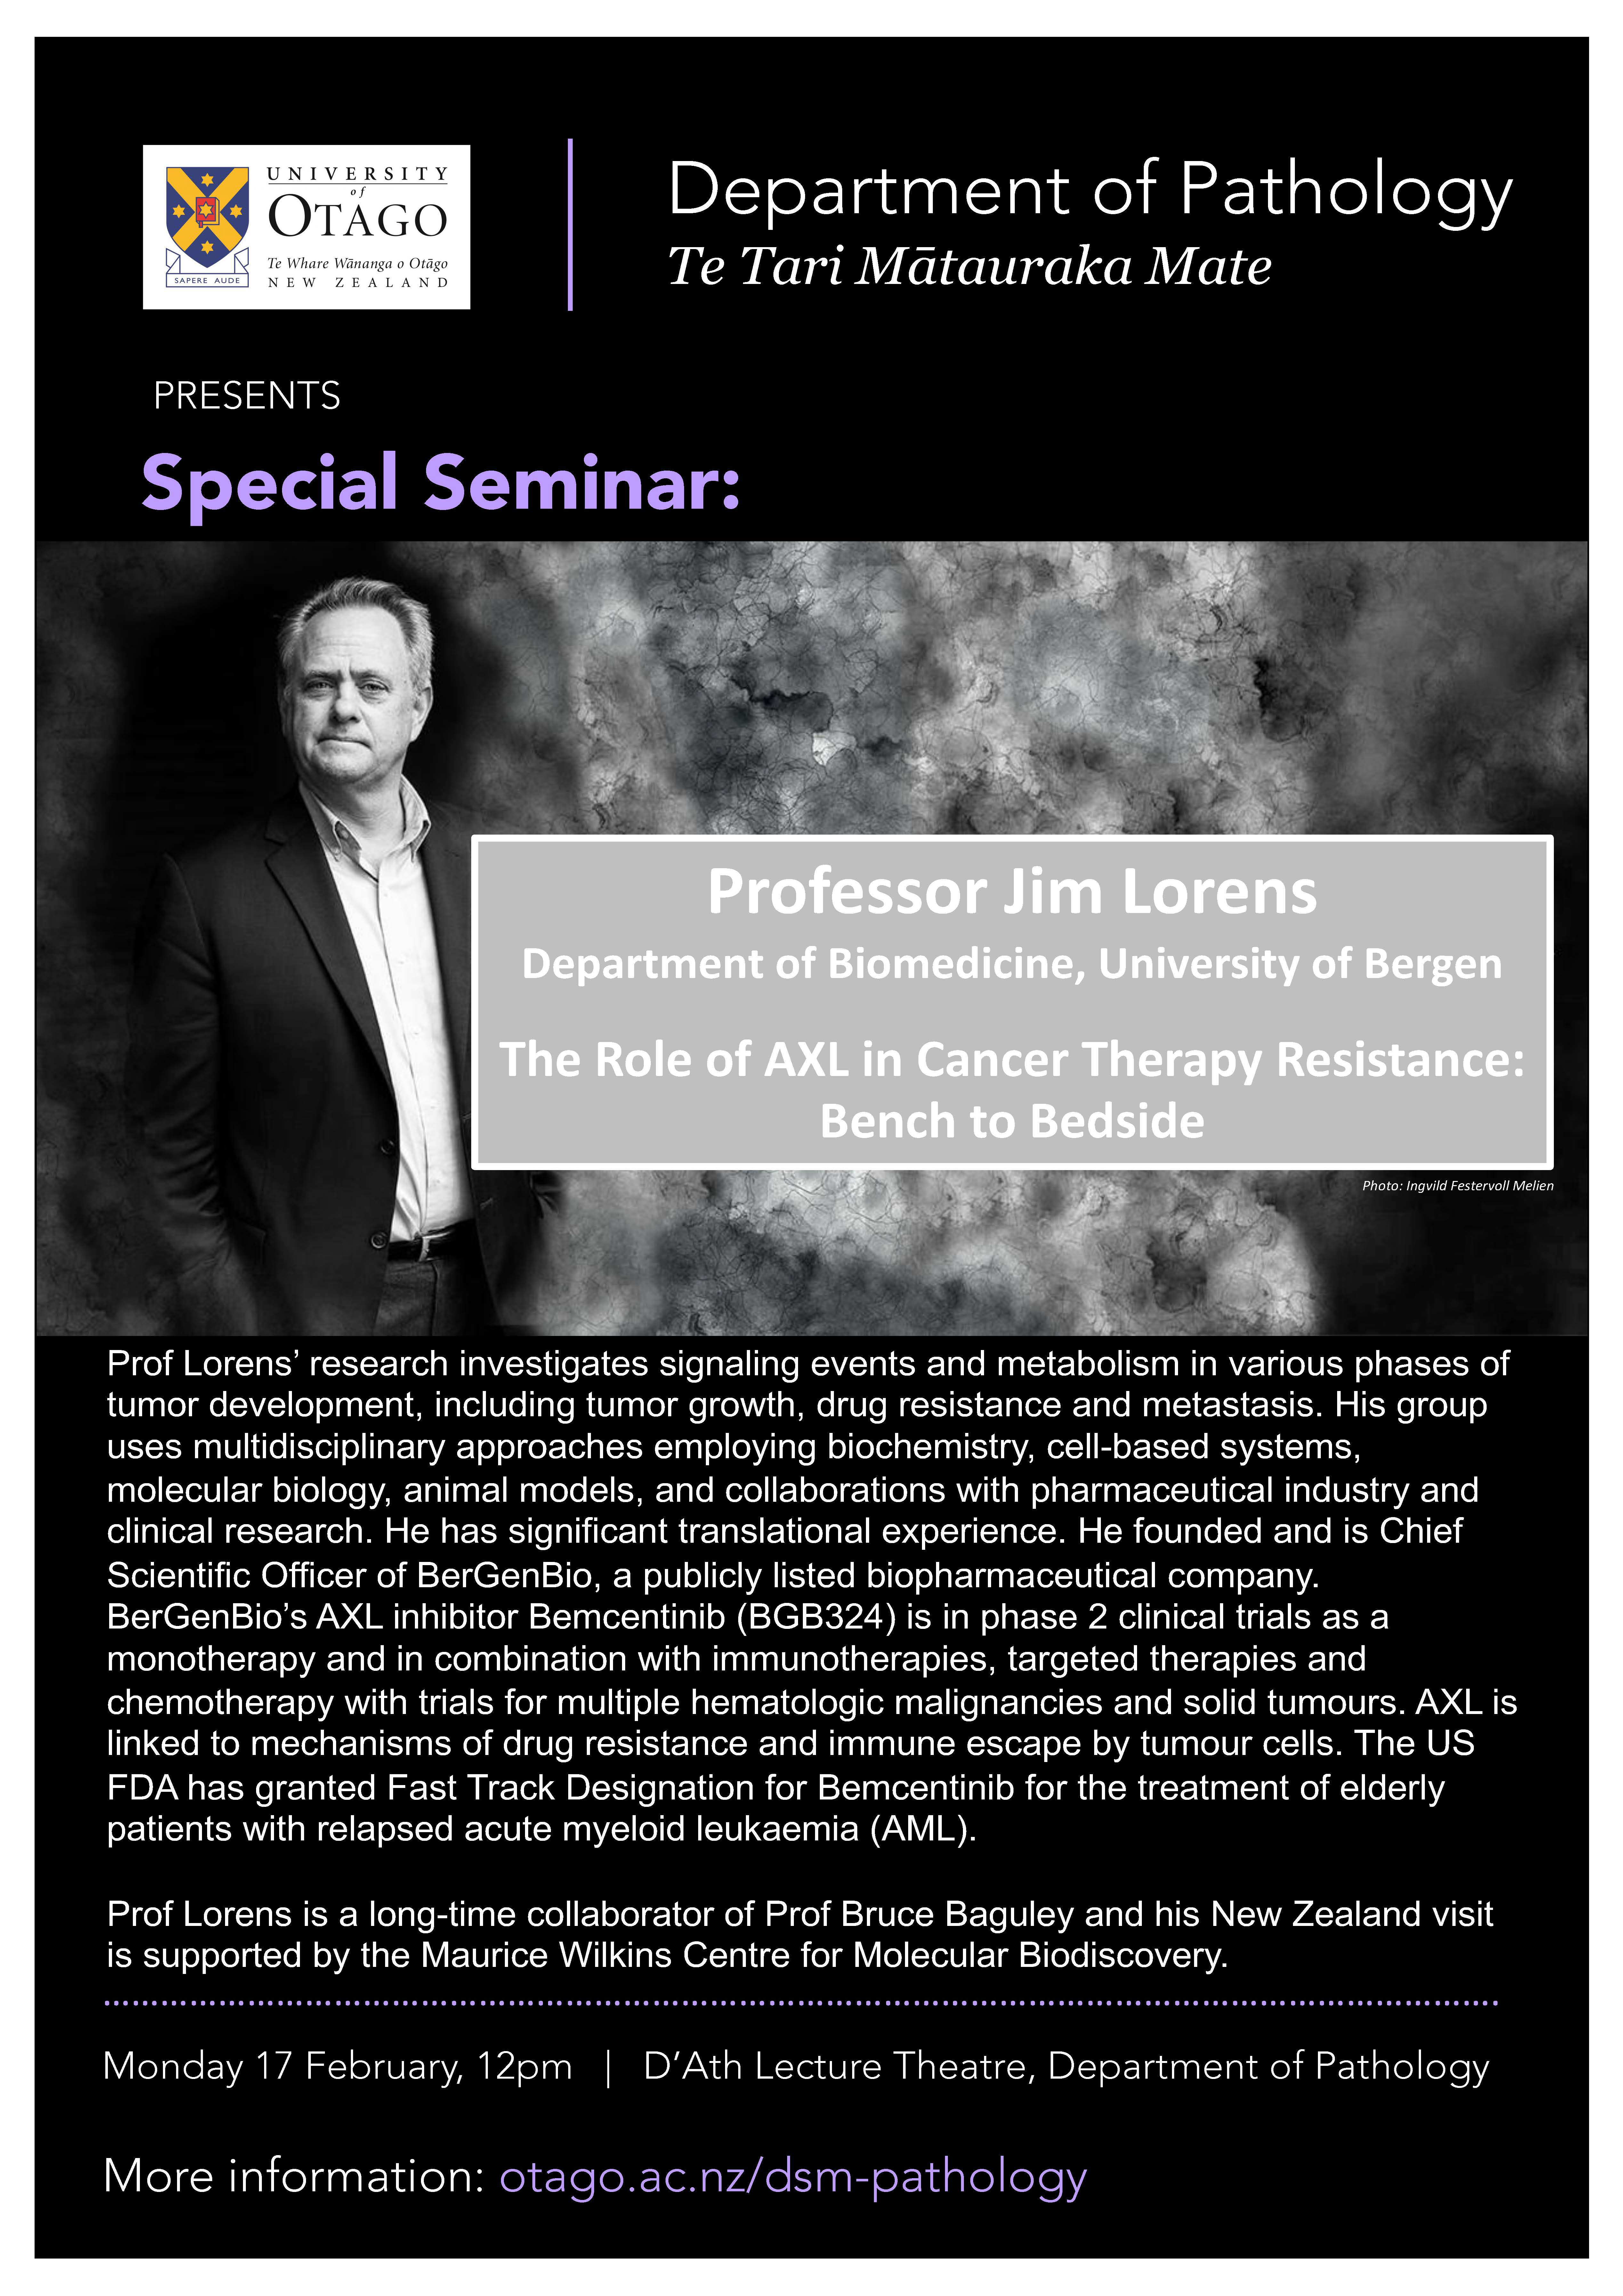 Seminar- Professor Jim Lorens